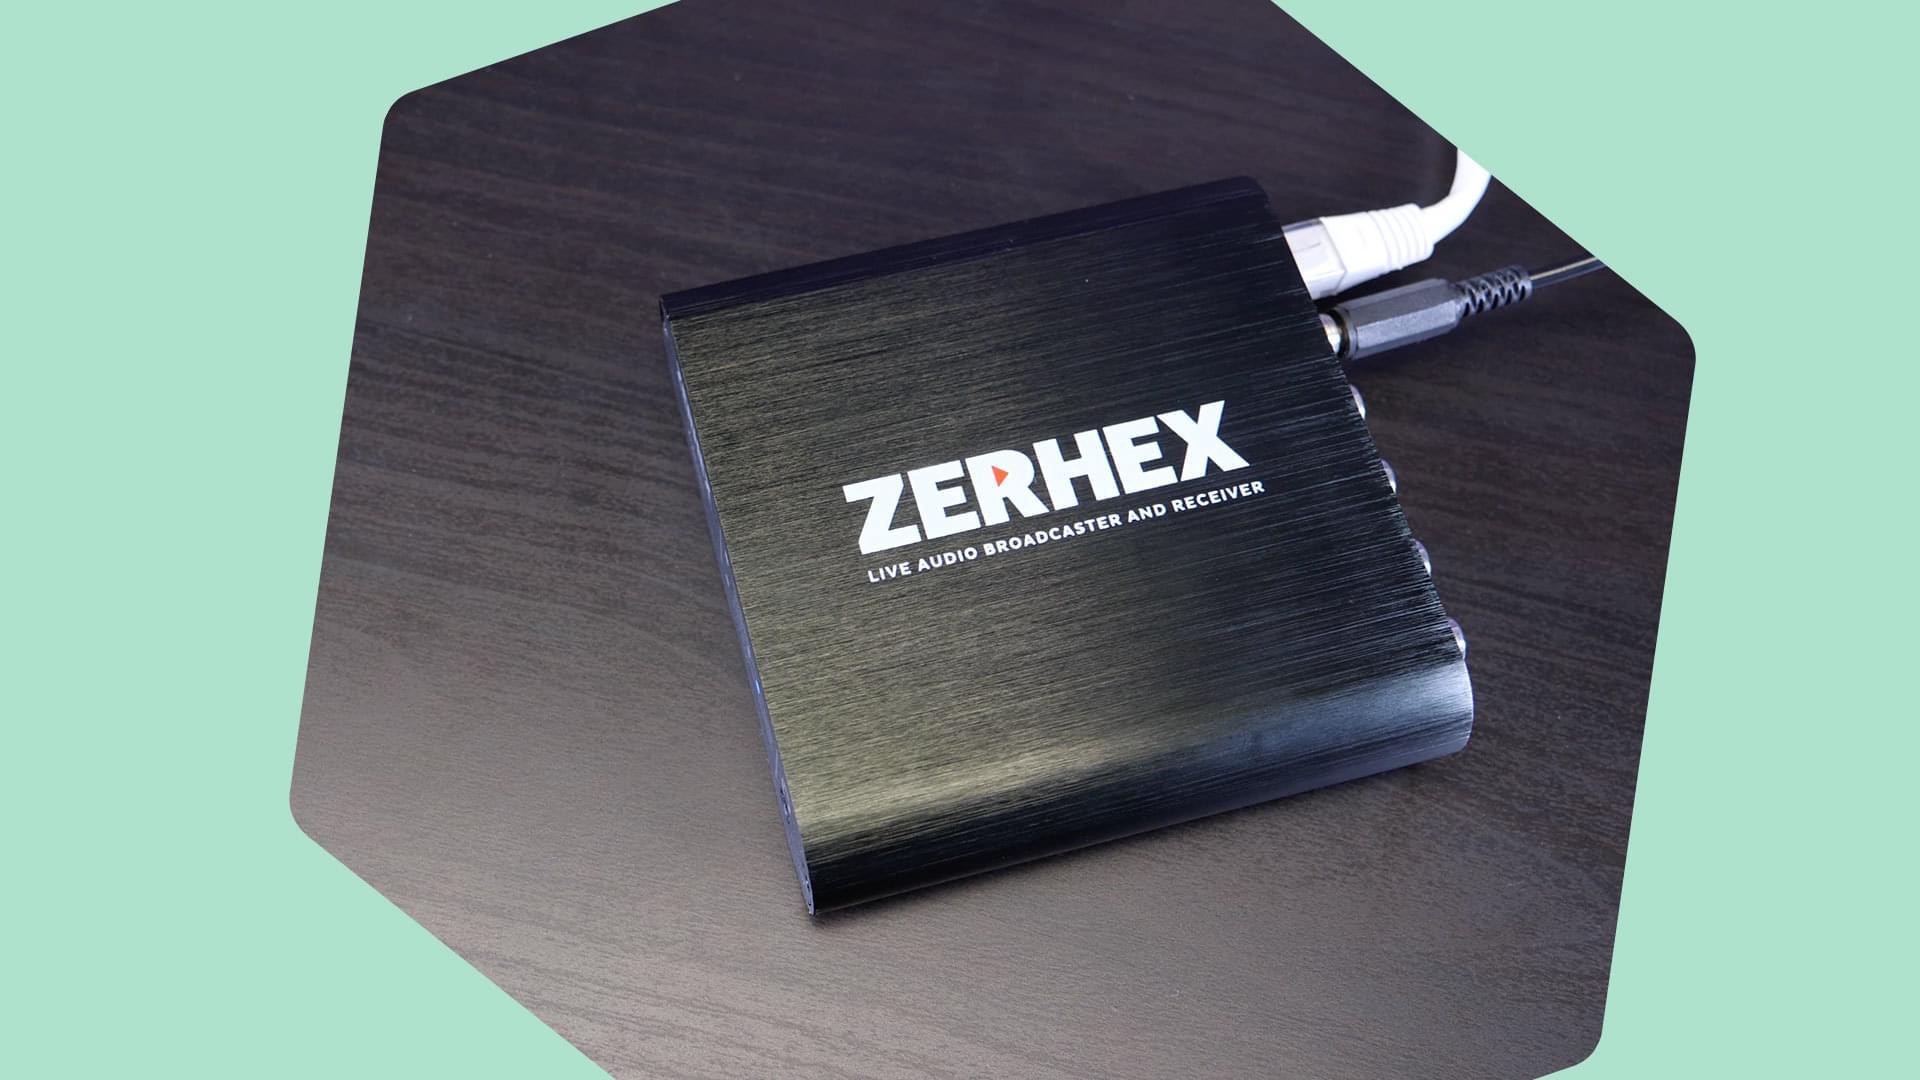 Zerhex